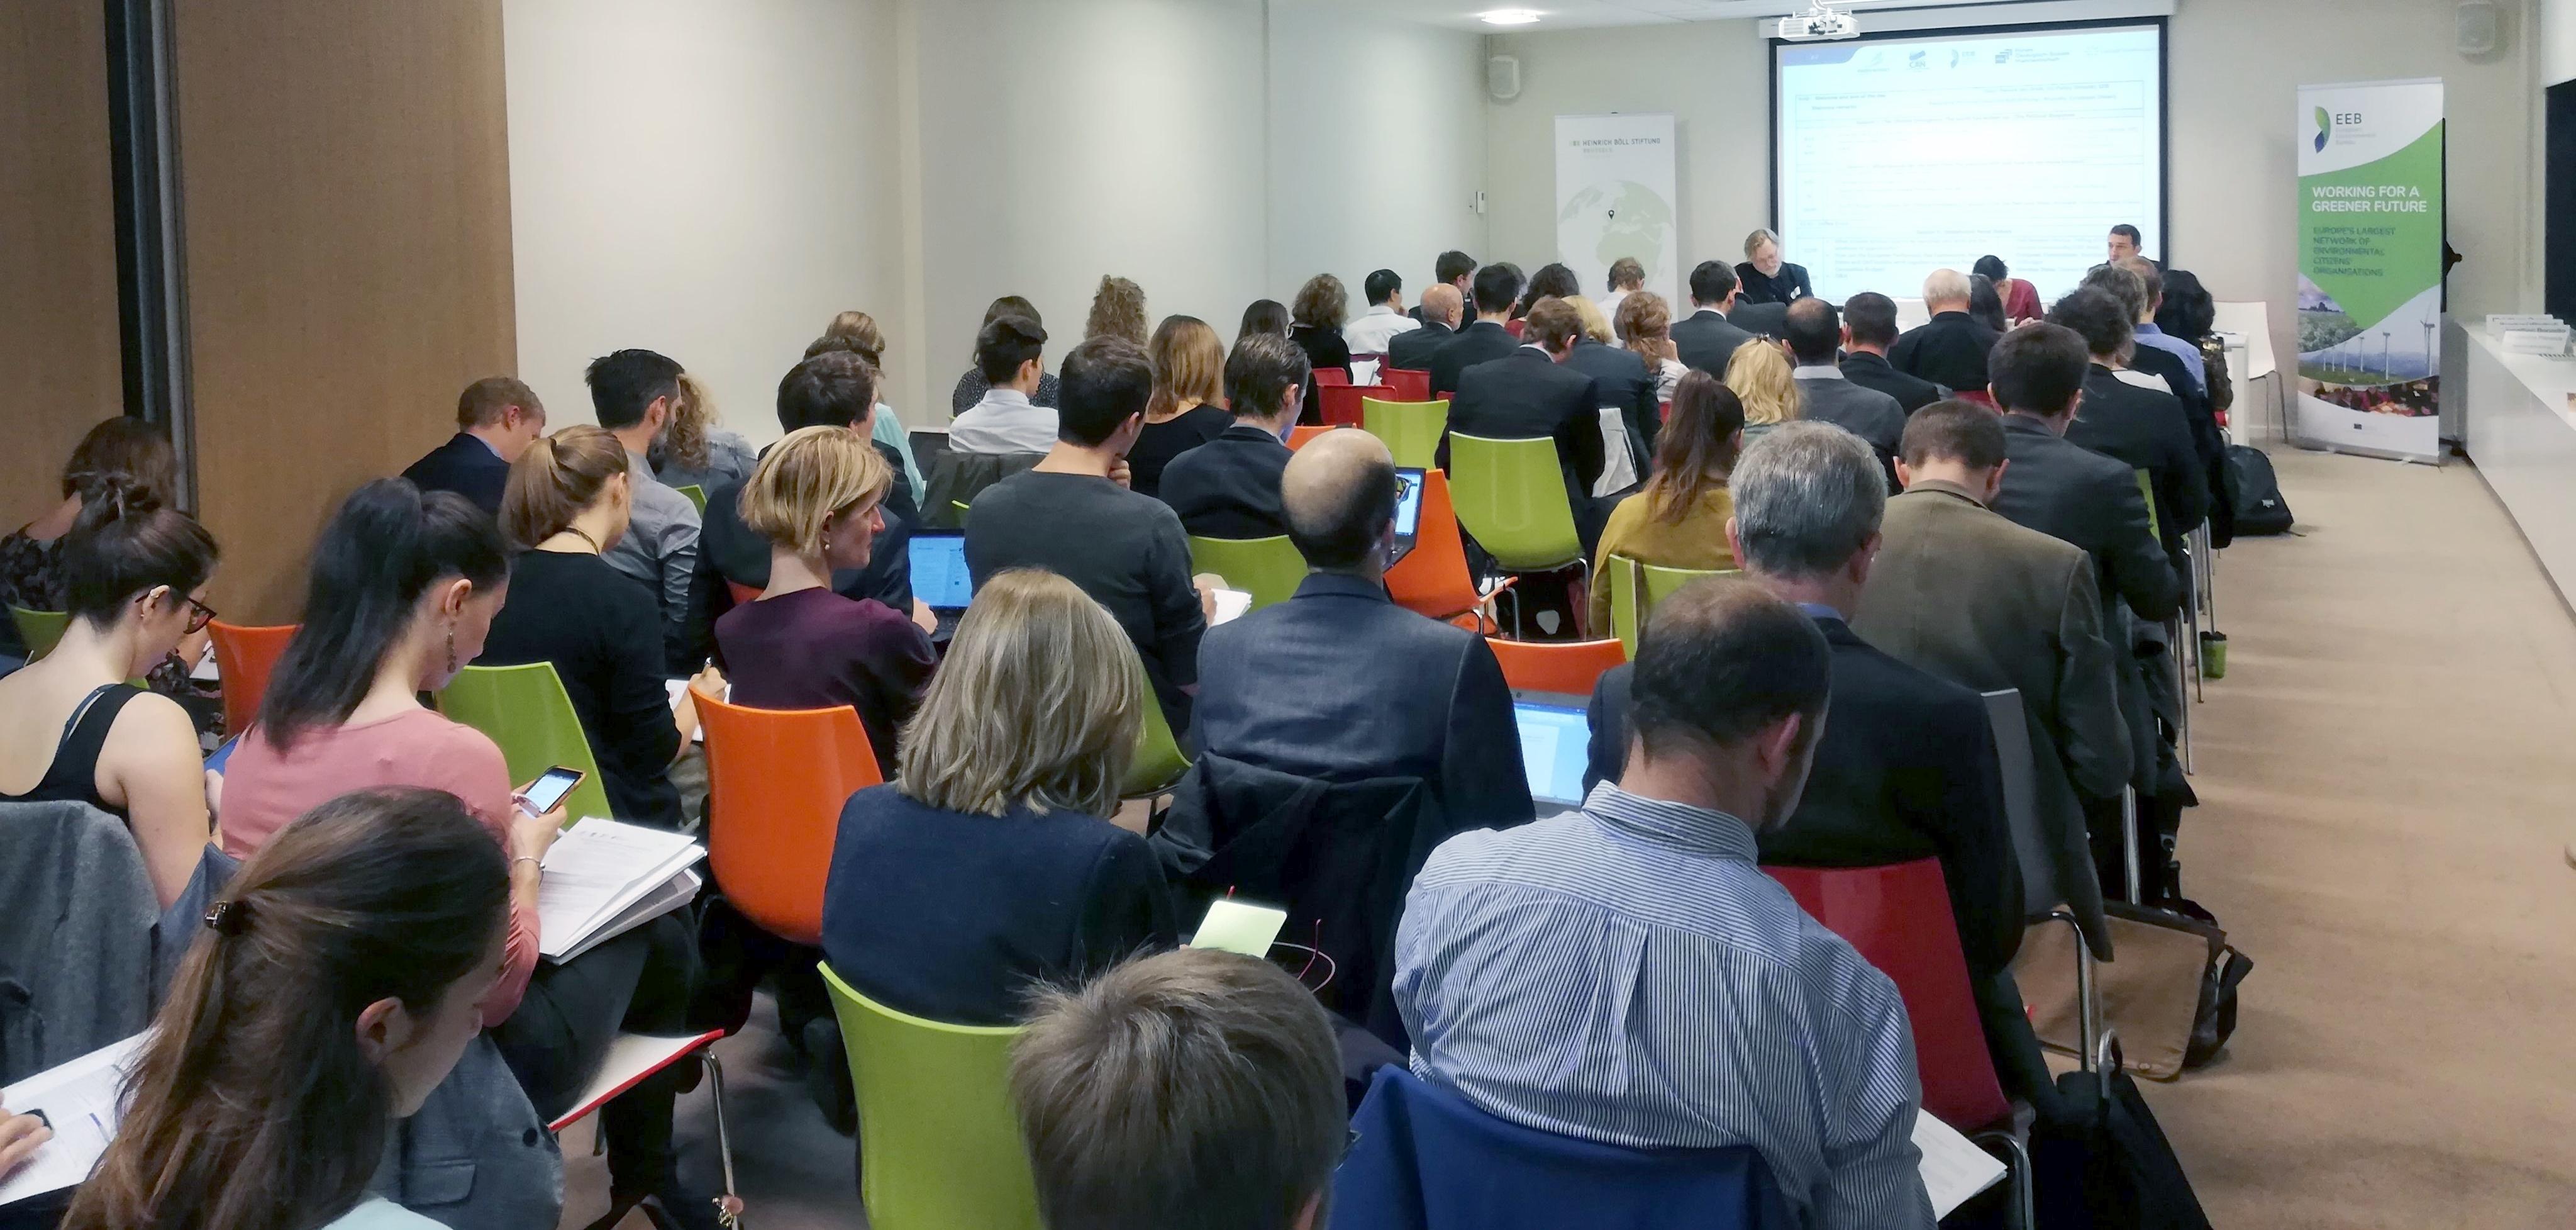 Voll besetzter Konferenzssaal in Brüssel